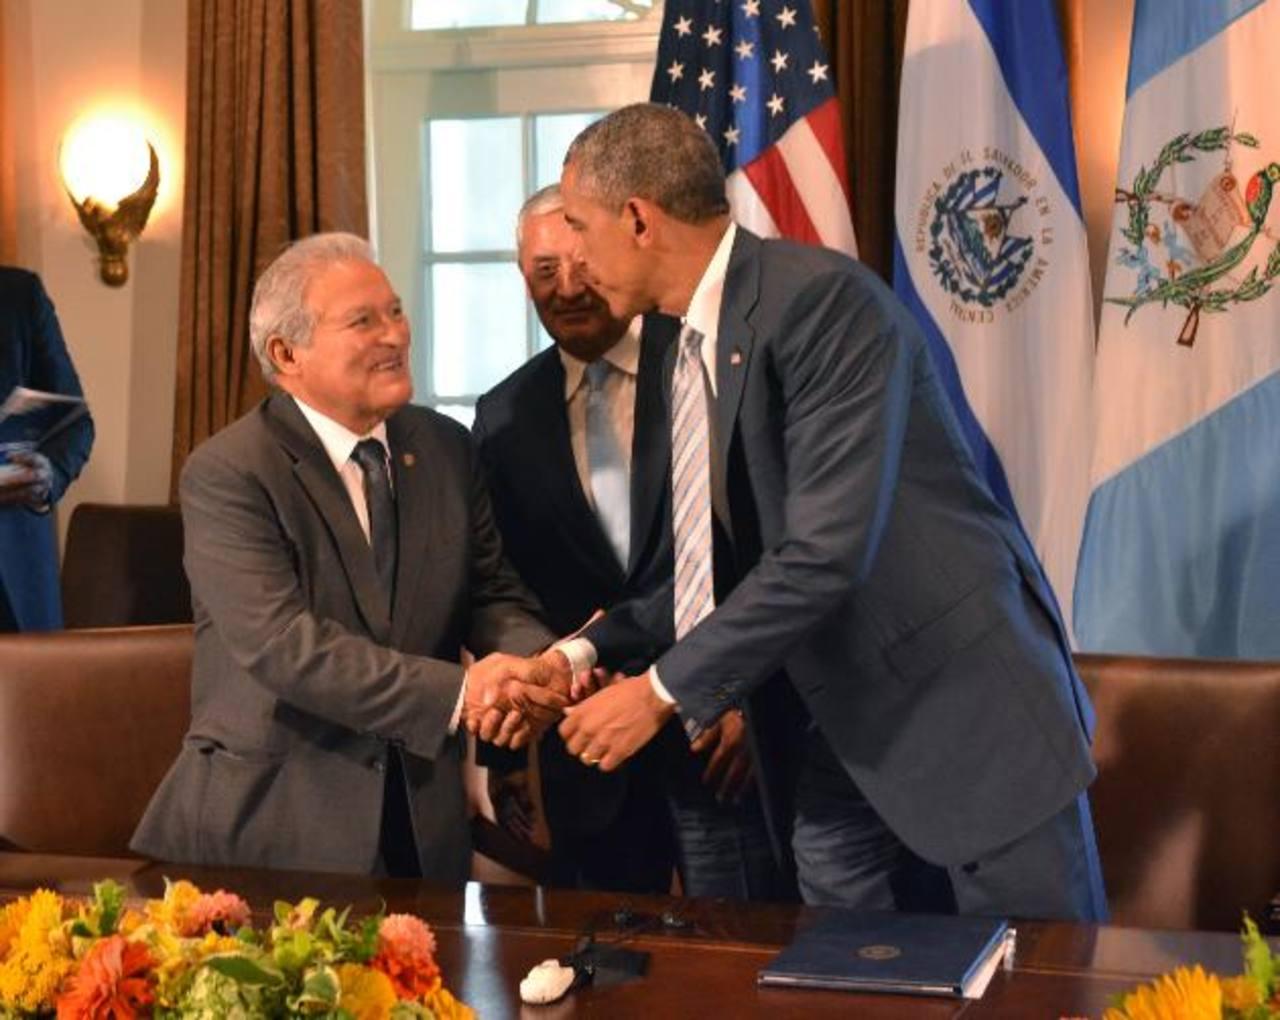 Salvador Sánchez Cerén saluda al presidente de EE. UU., Barack Obama, frente al mandatario guatemalteco Otto Pérez Molina. La reunión de los presidentes antes mencionados, junto al de Honduras, duró más de una hora. FOTO EDH / TOMÁS GUEVARA